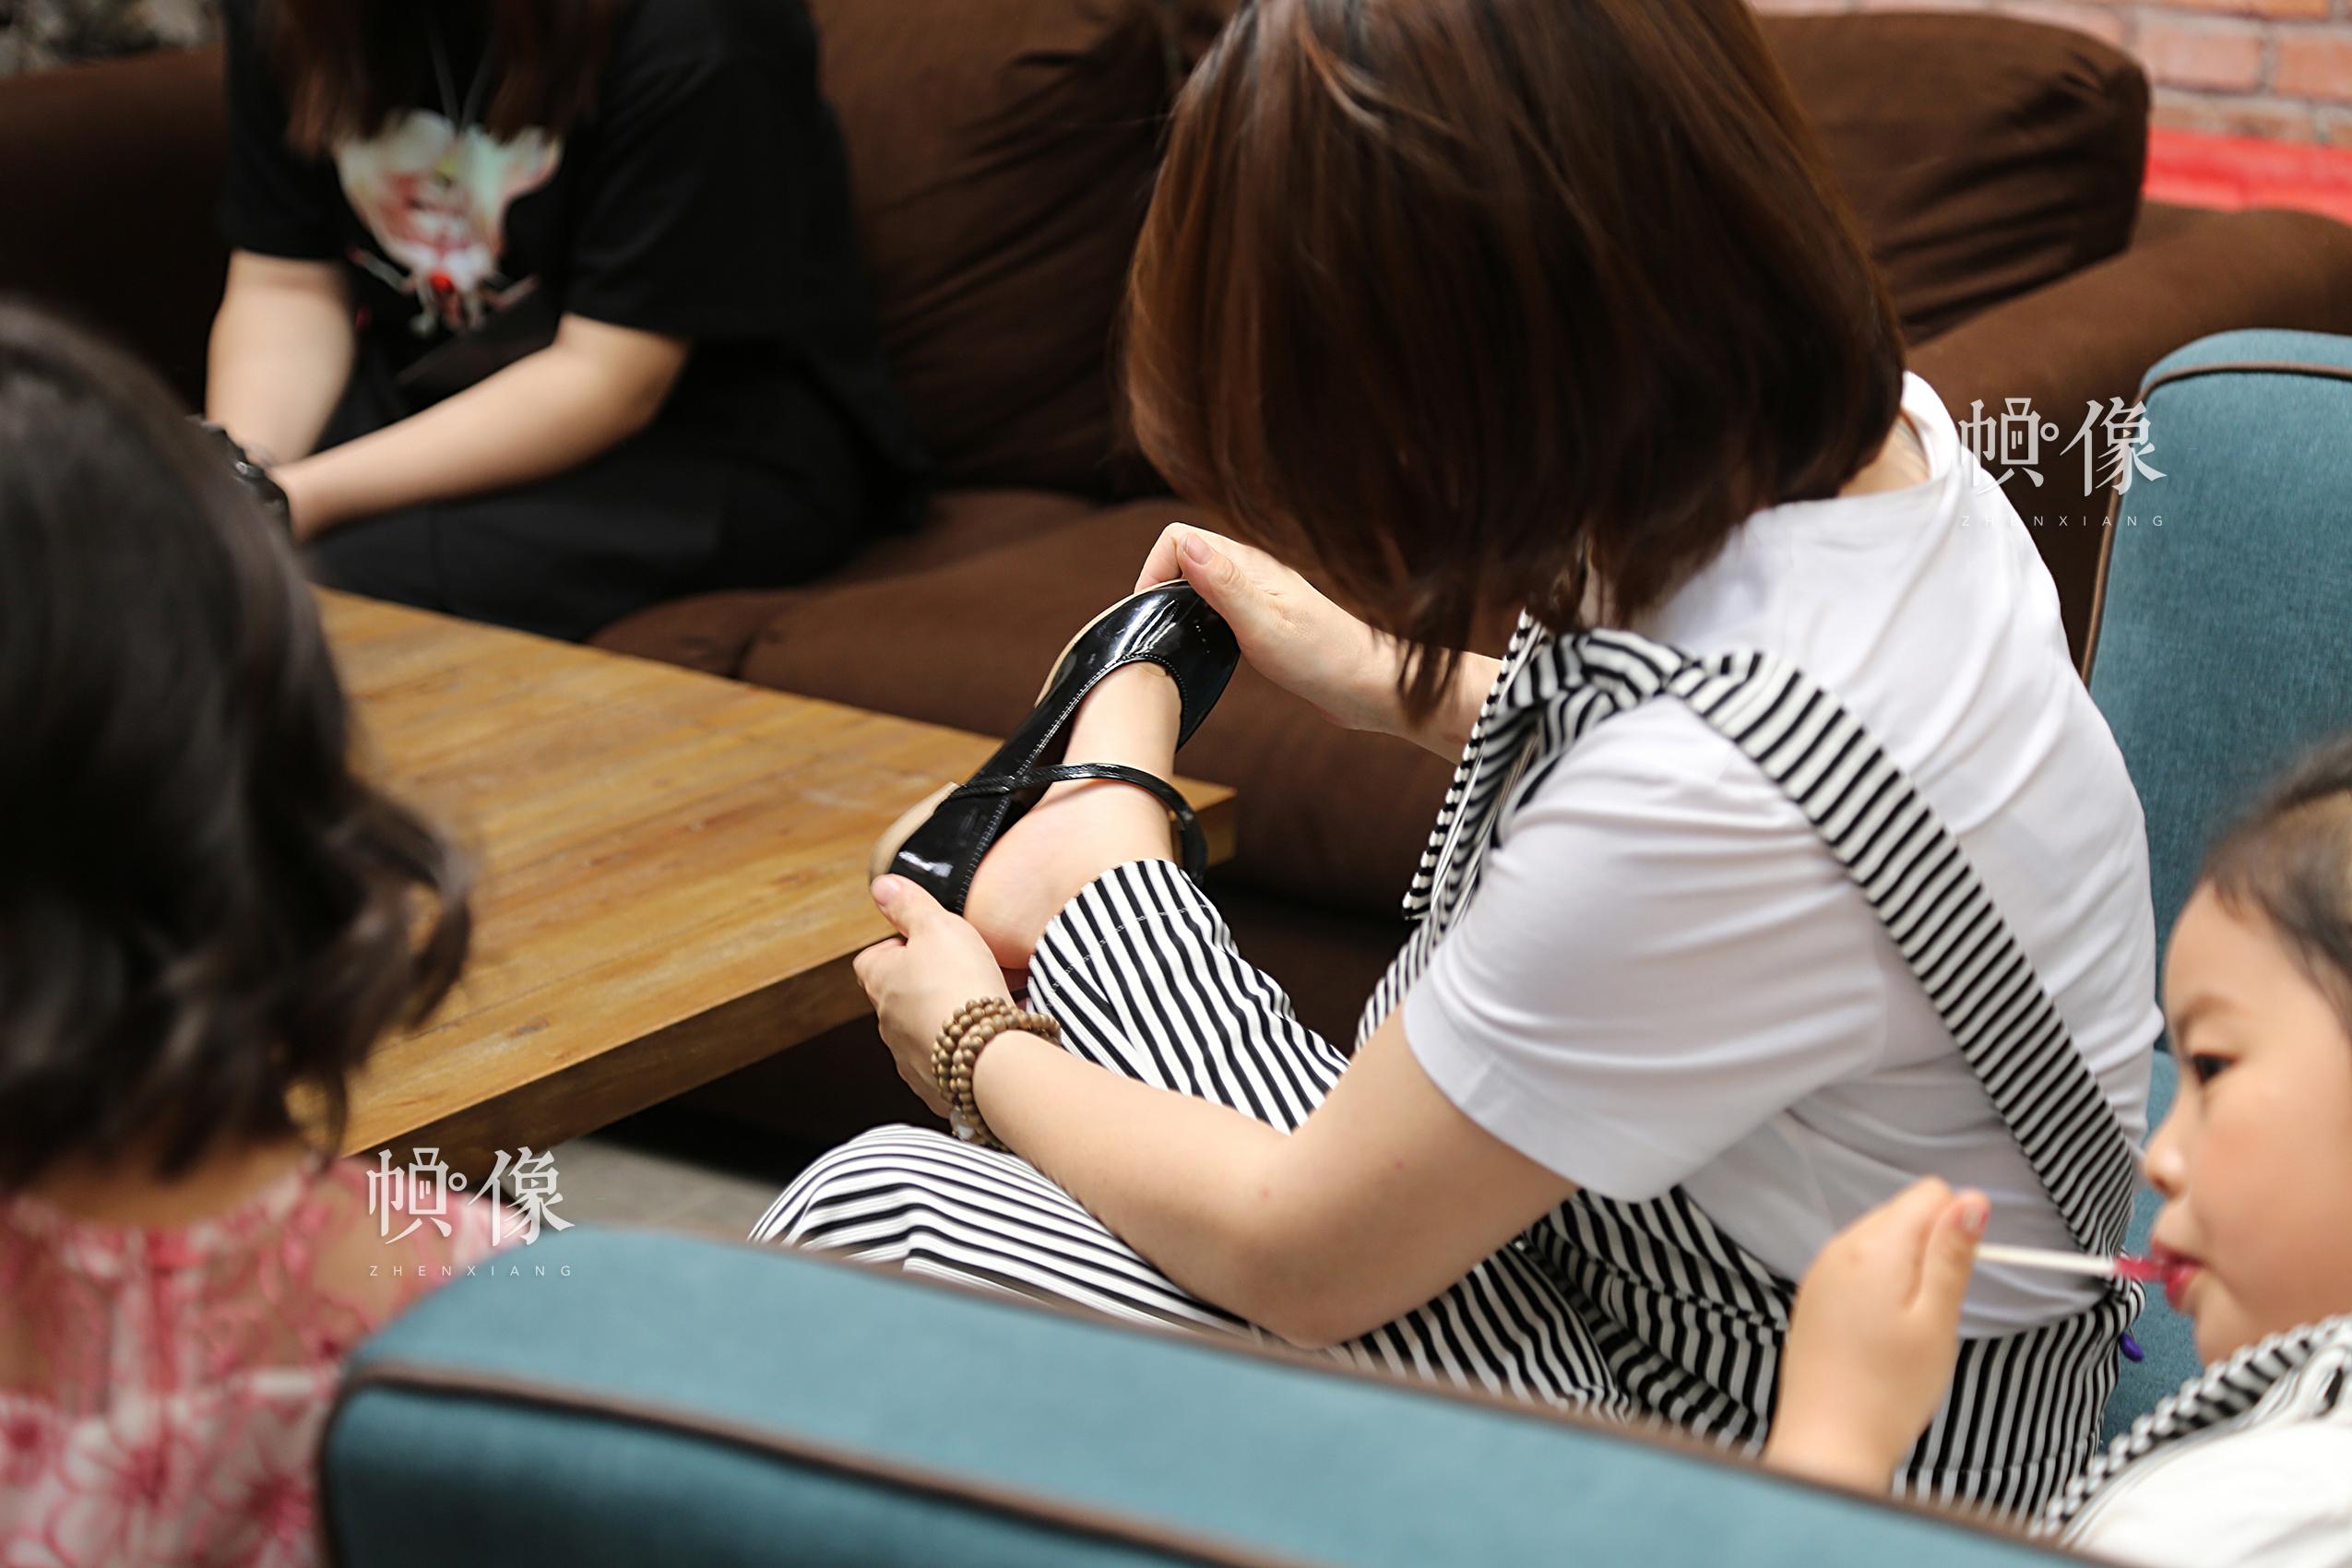 拍照前,李春晓为大女儿试穿挑选的鞋子。中国网记者黄富友 摄